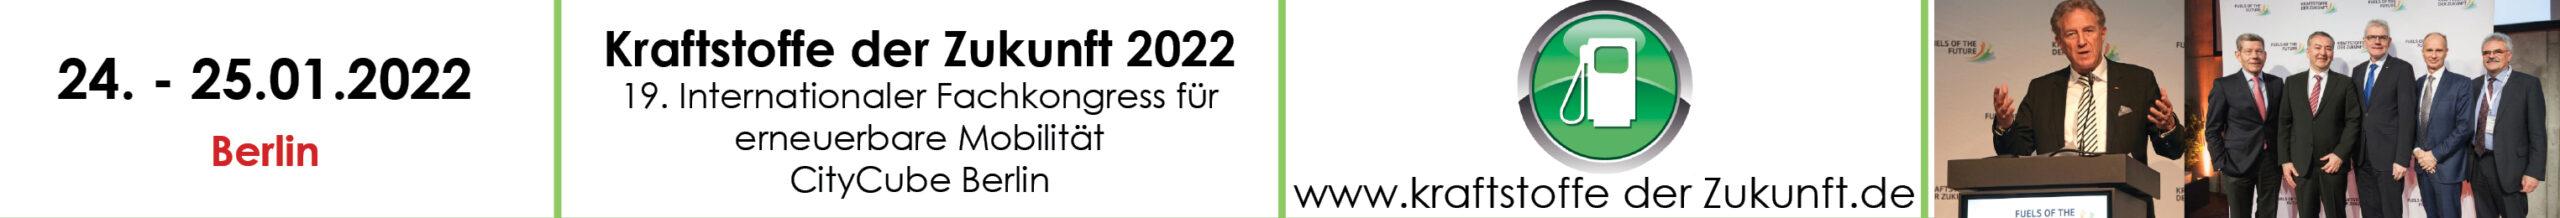 Kraftstoffe__der_Zukunftl_2022